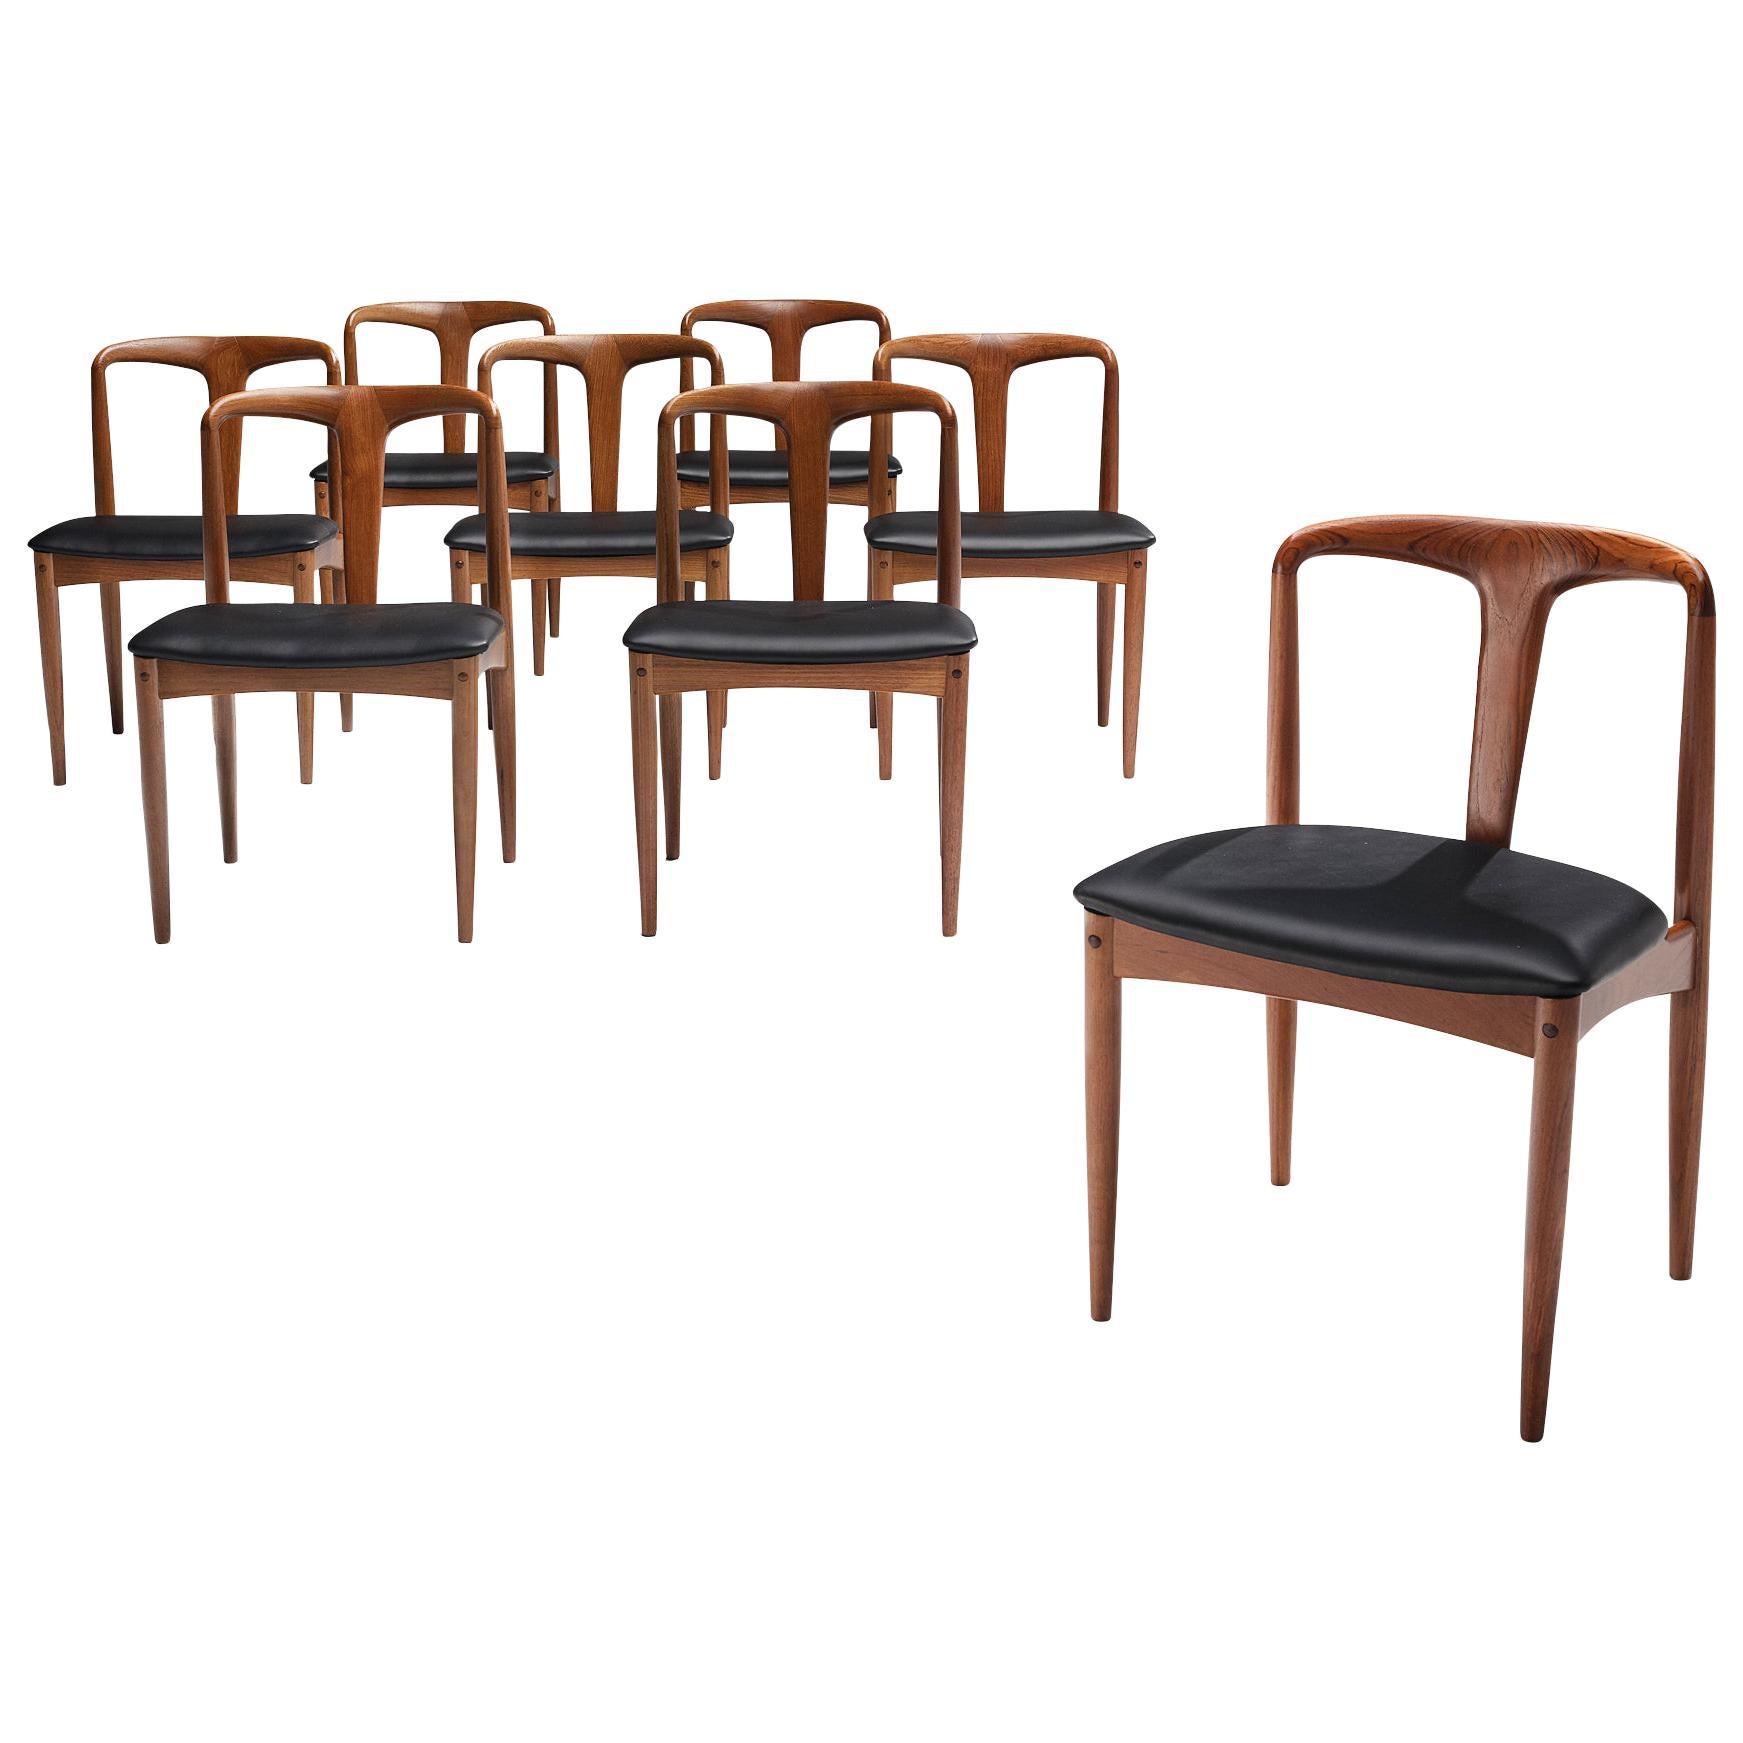 Johannes Andersen 'Juliane' Dining Chairs in Teak